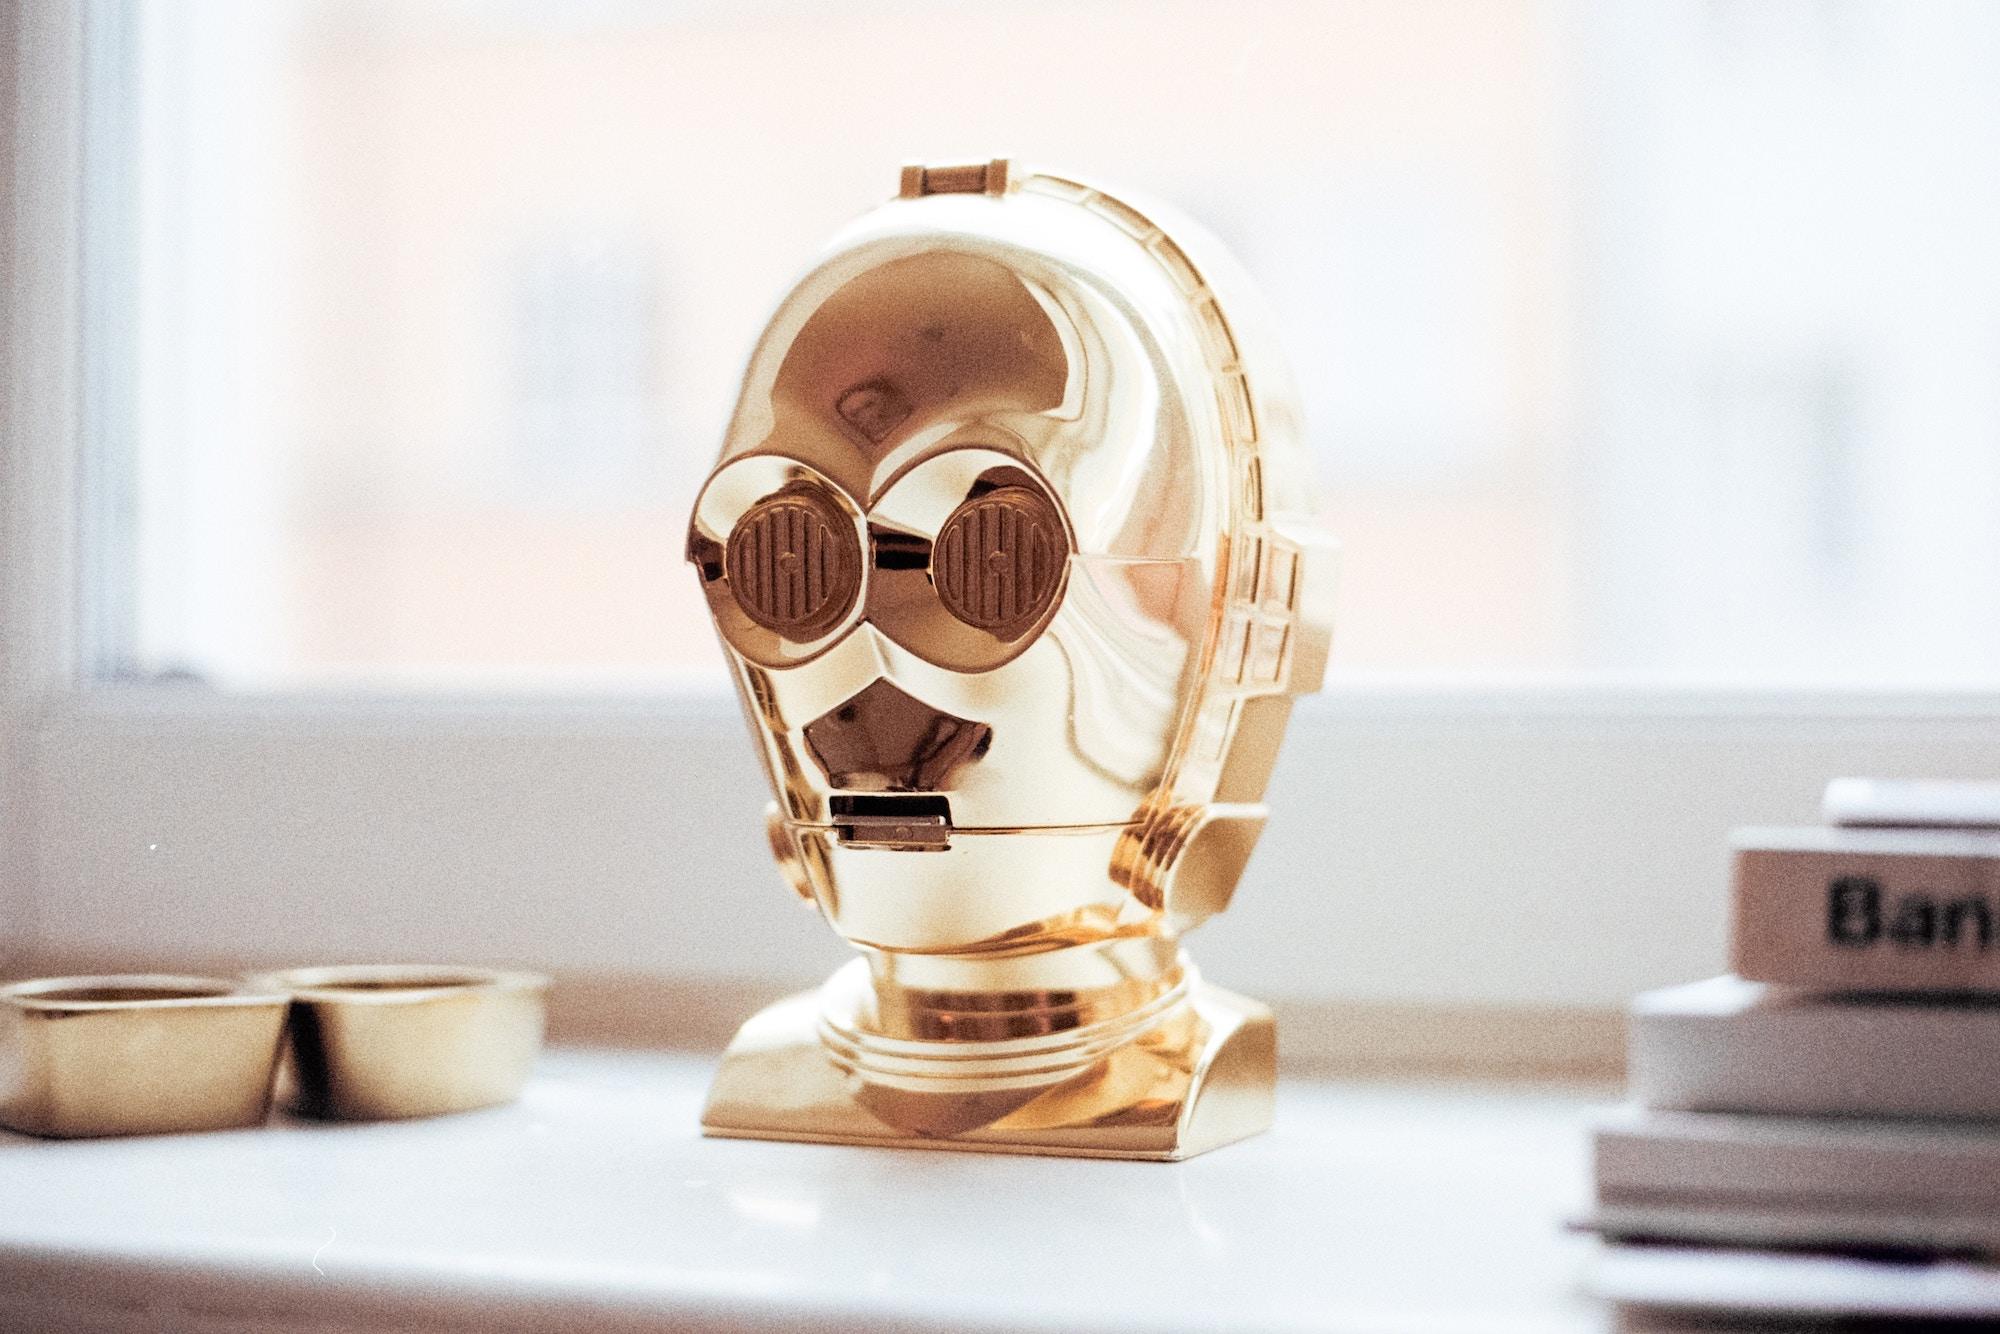 Нештучний інтелект: Як AI-стартапи використовують людей замість технології